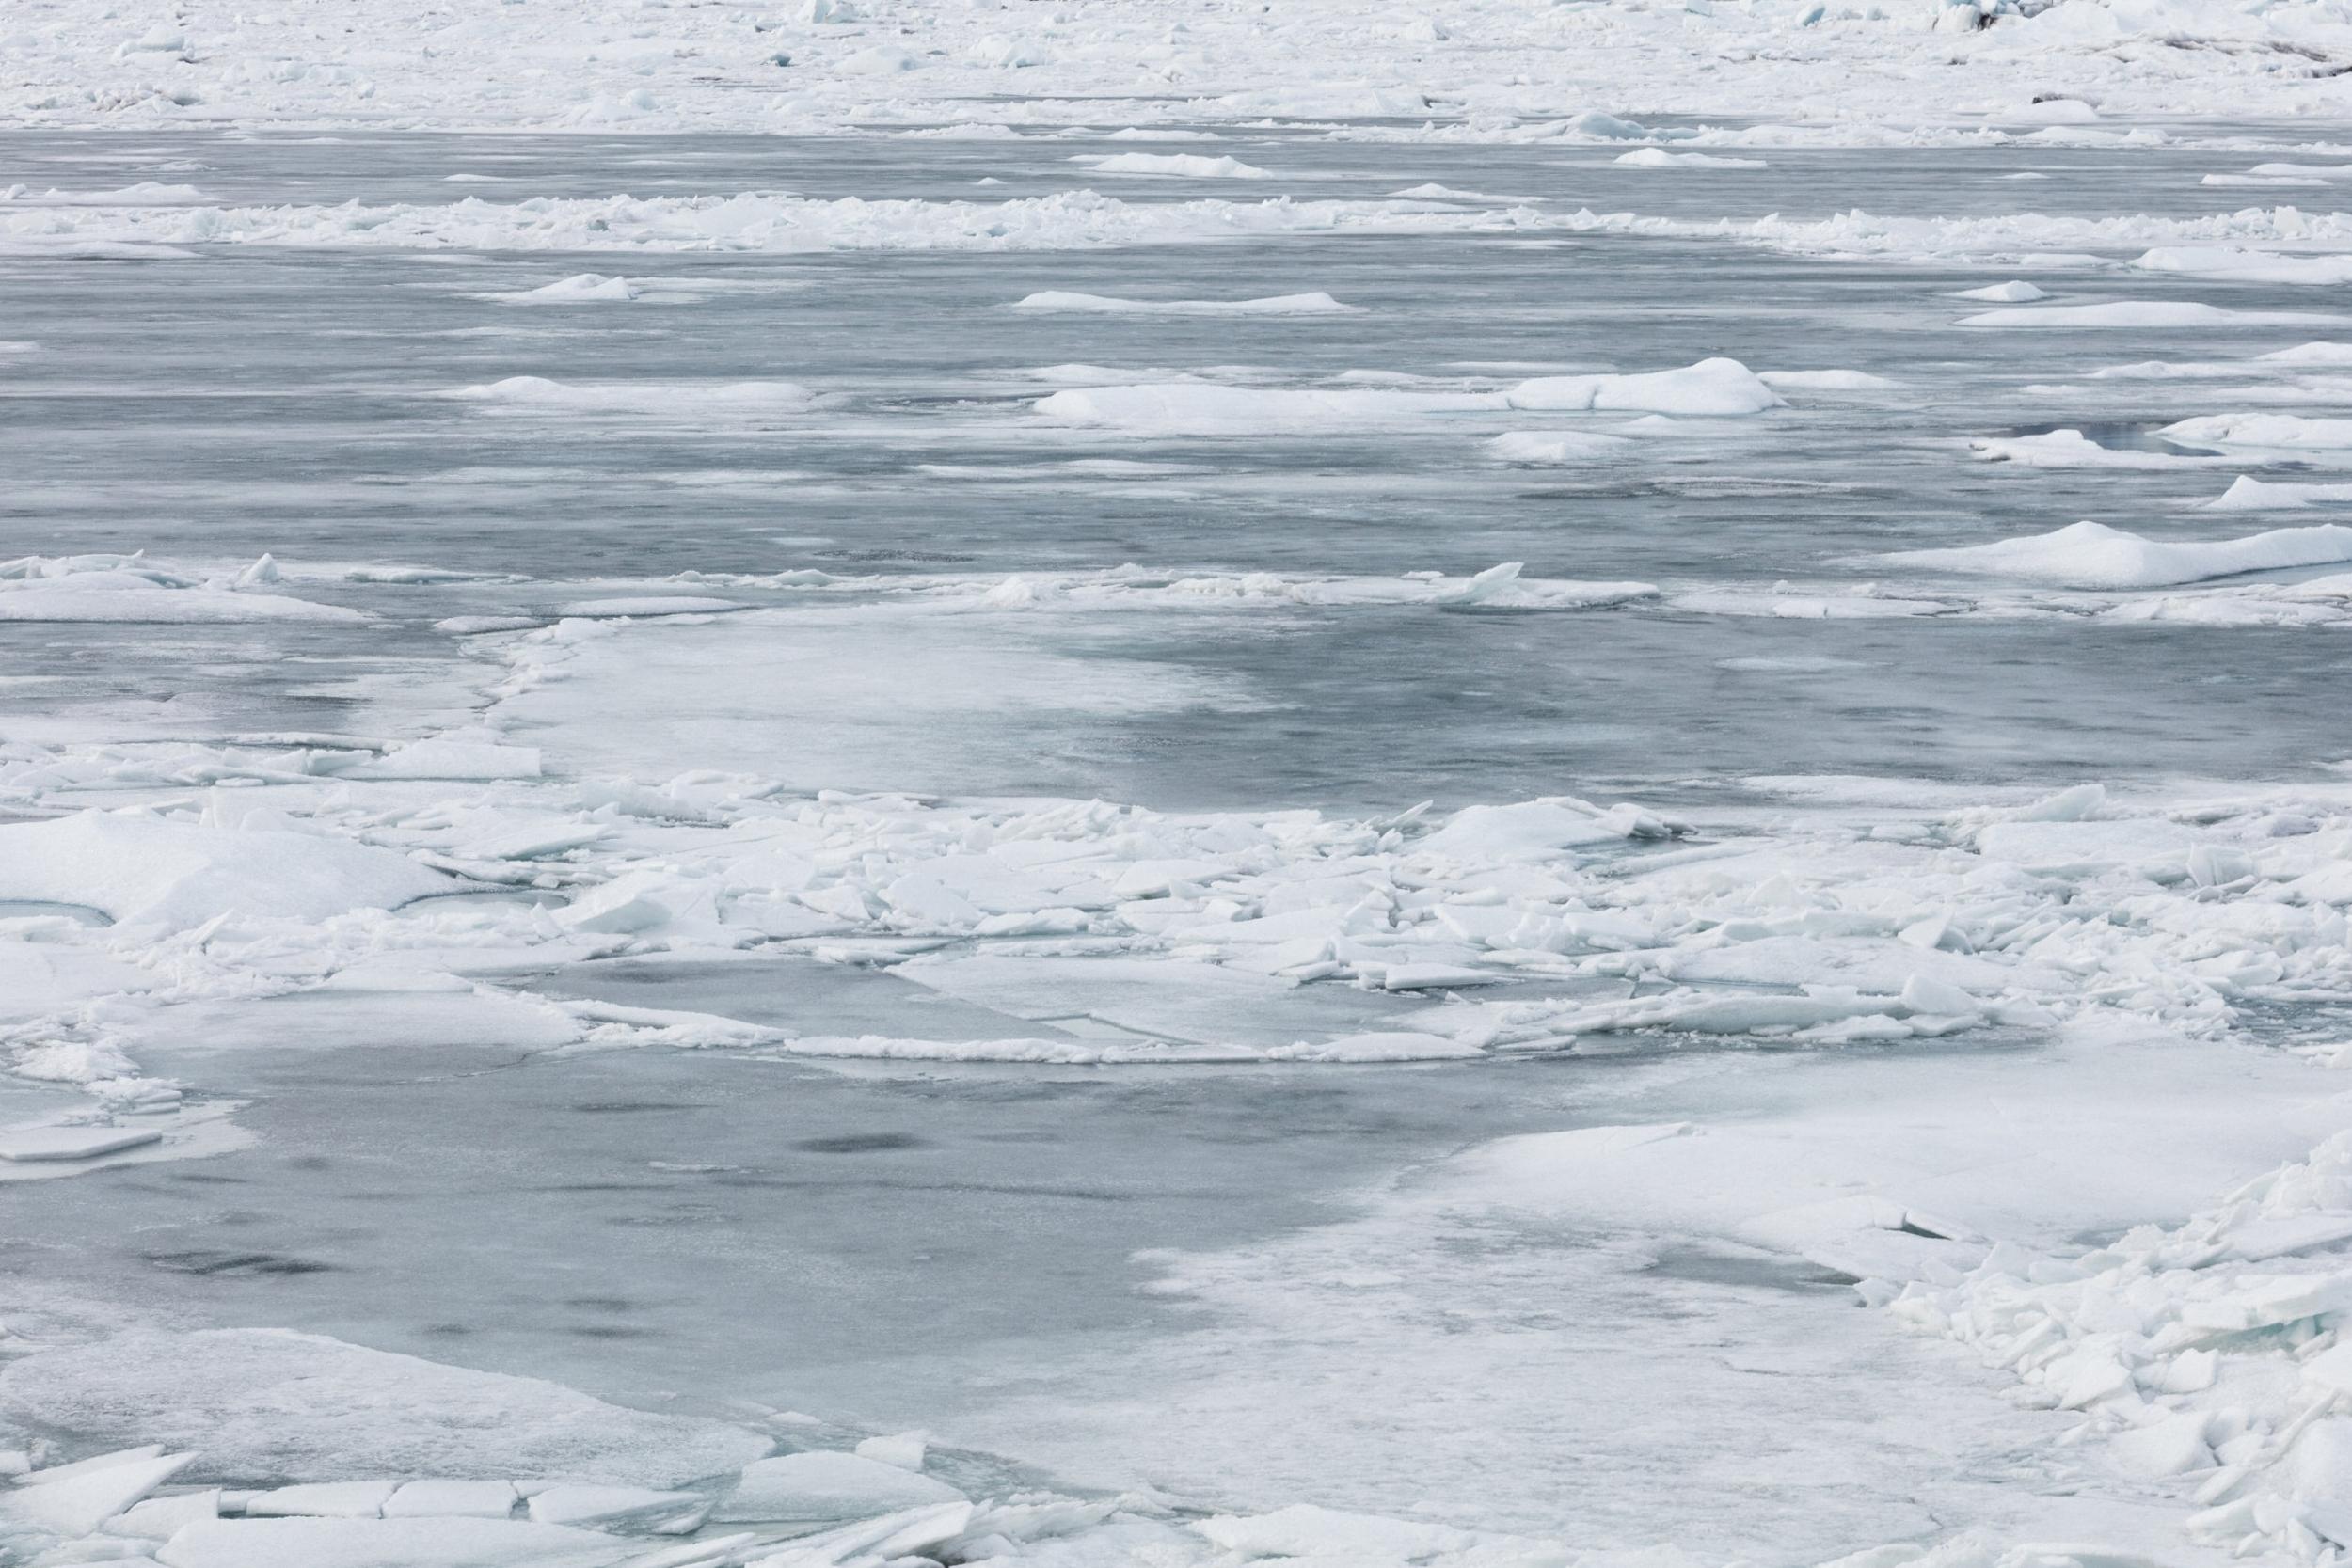 Jökulsárlón+Glacier+Lagoon+|+South+Iceland+-+Faune.jpg